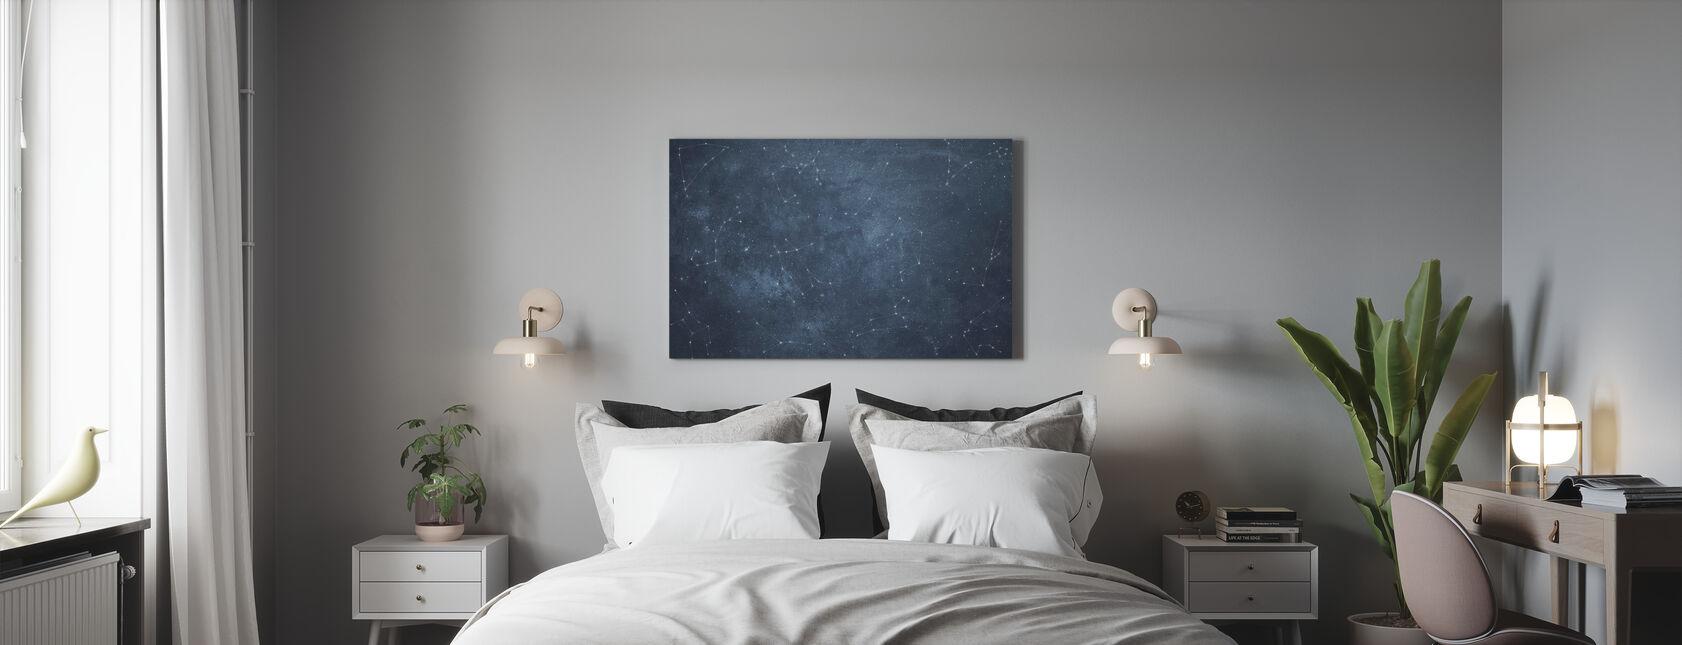 Zoodiac Sky II - Canvas print - Bedroom